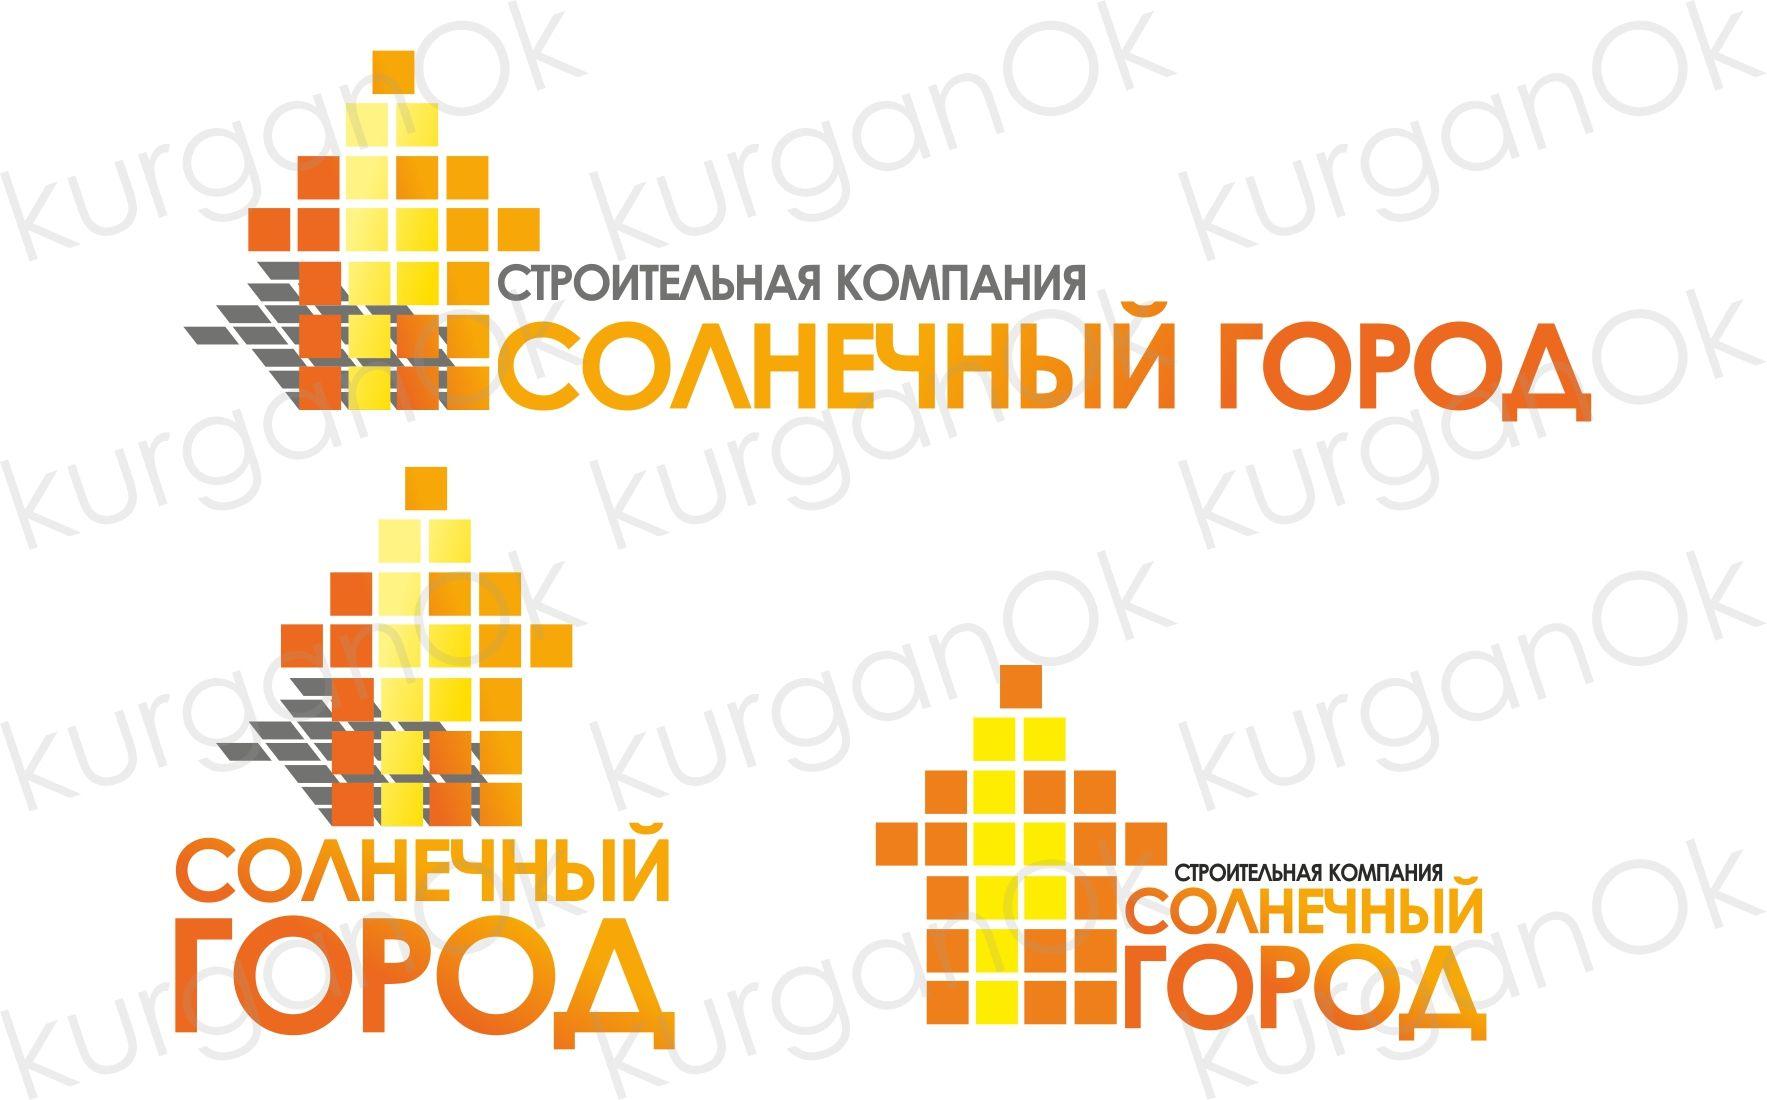 Логотип для солнечного города - дизайнер kurgan_ok